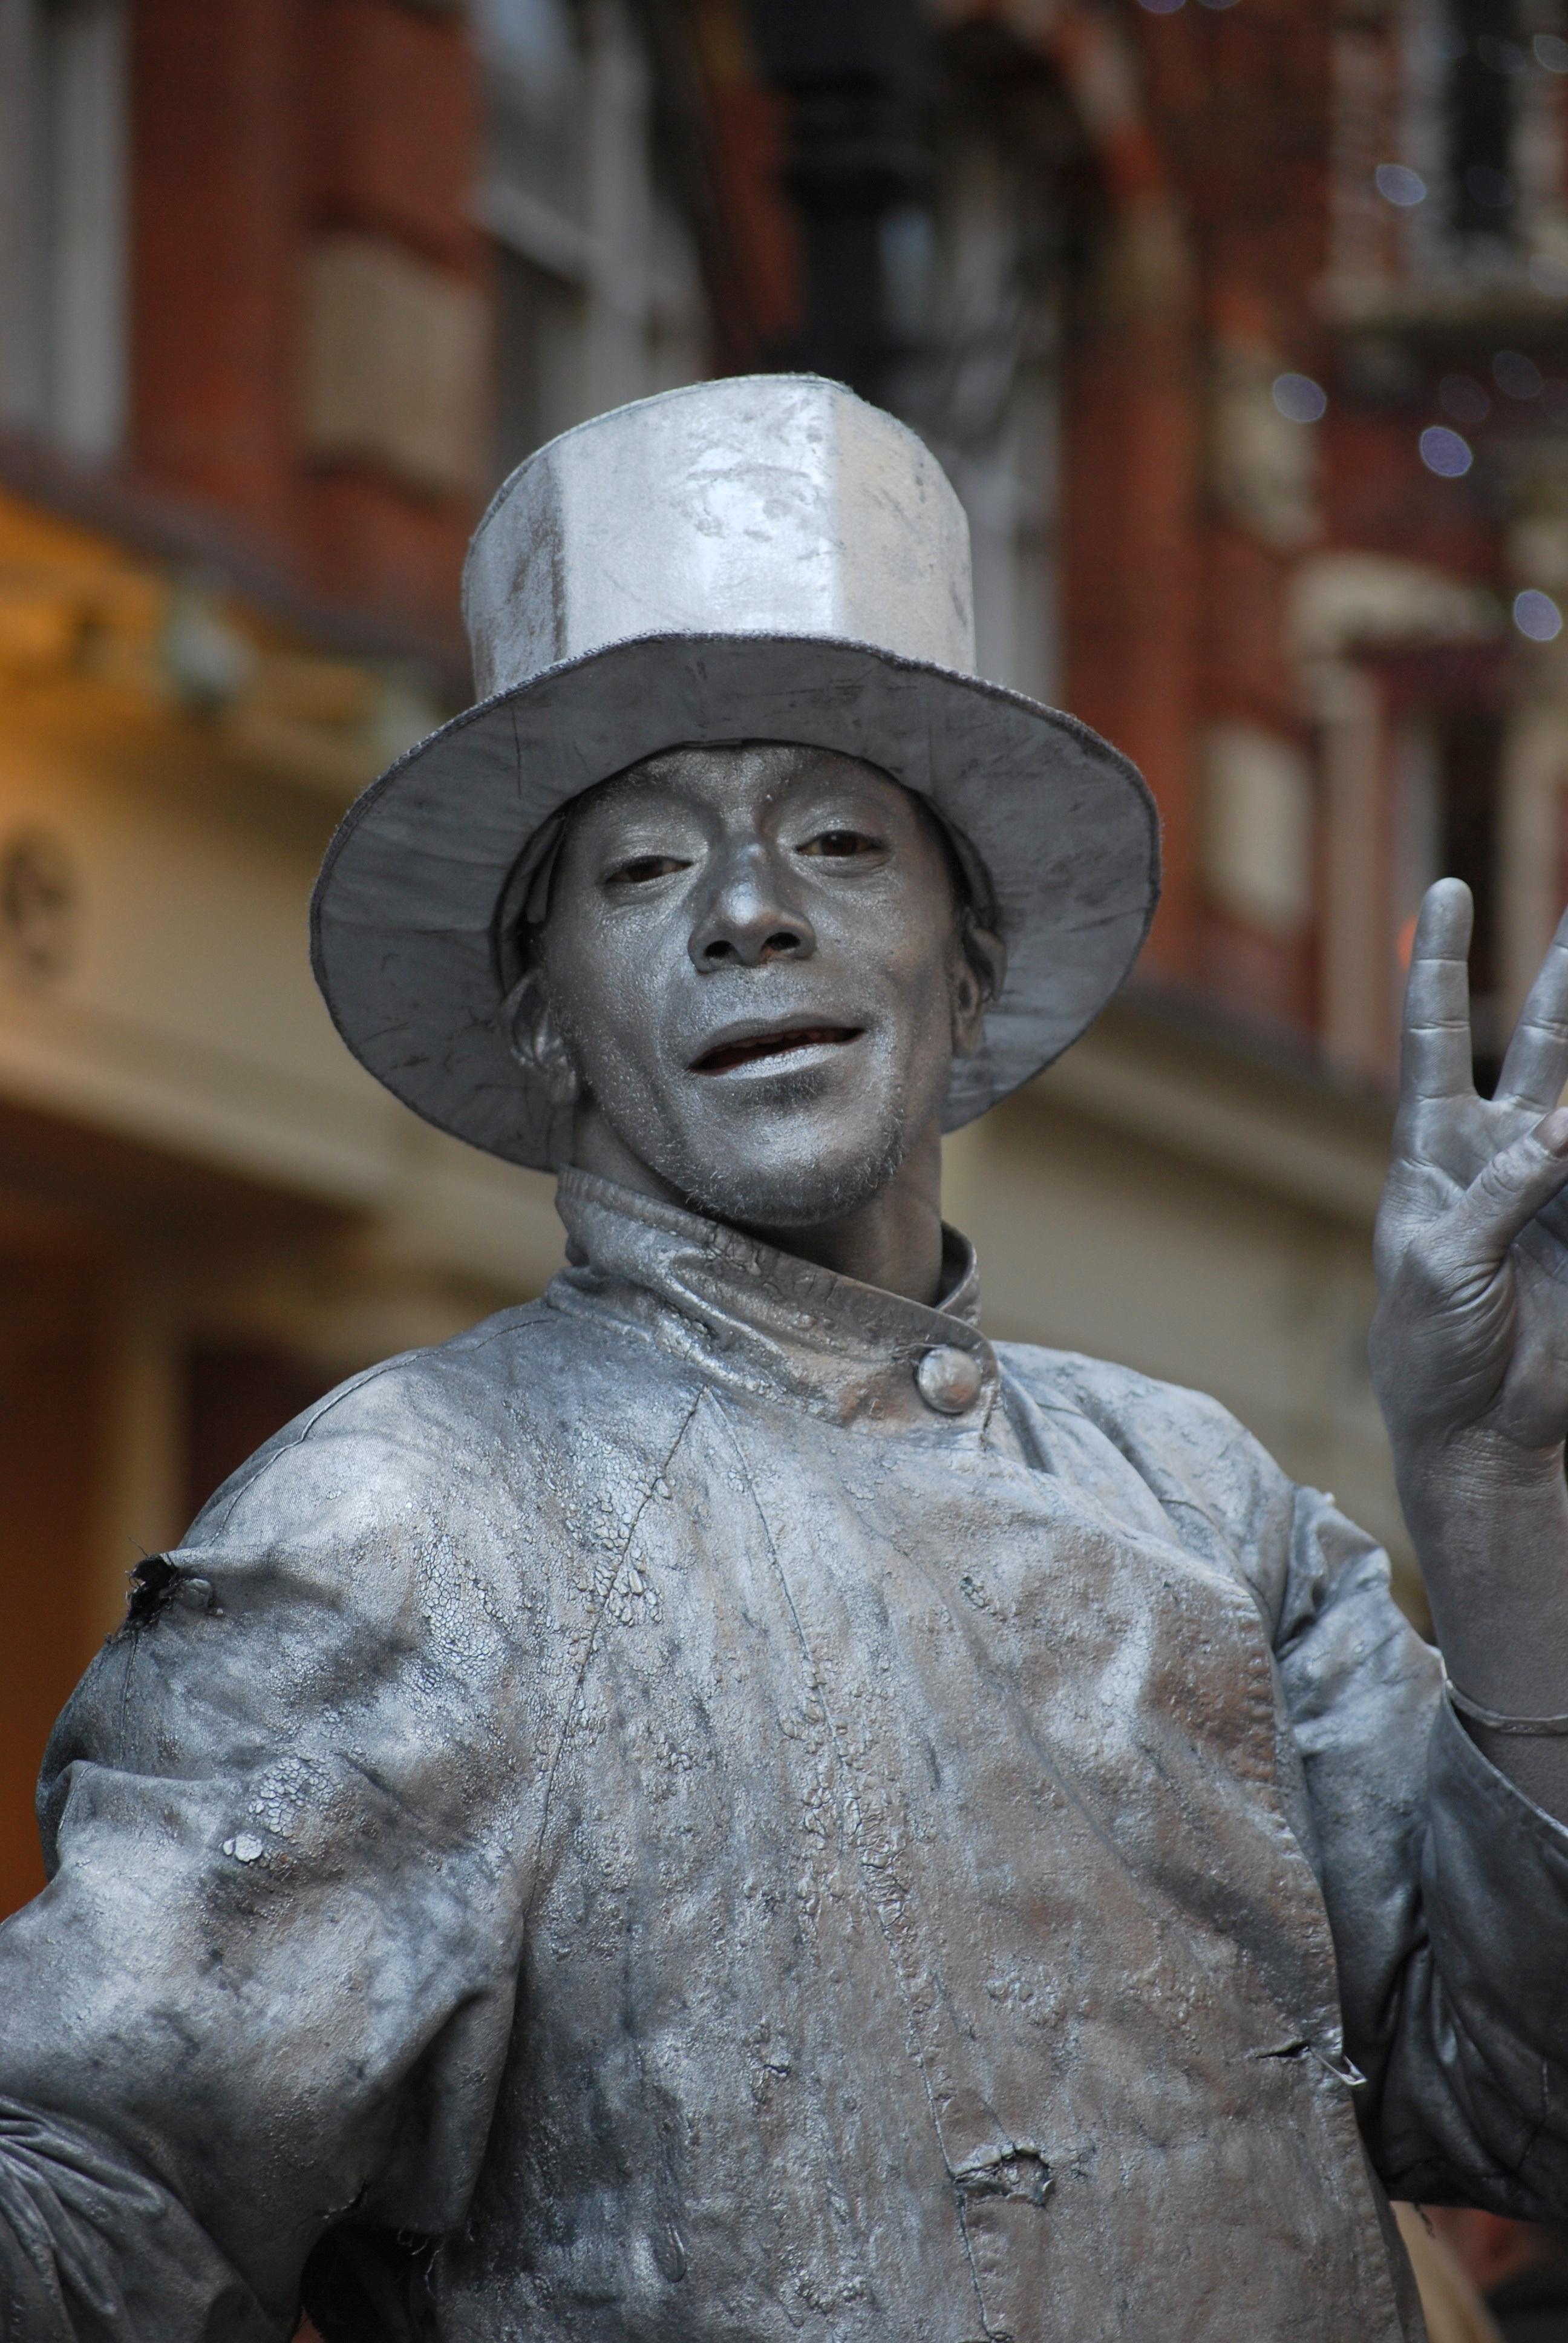 Gratuites homme gens monument m¢le statue pitre